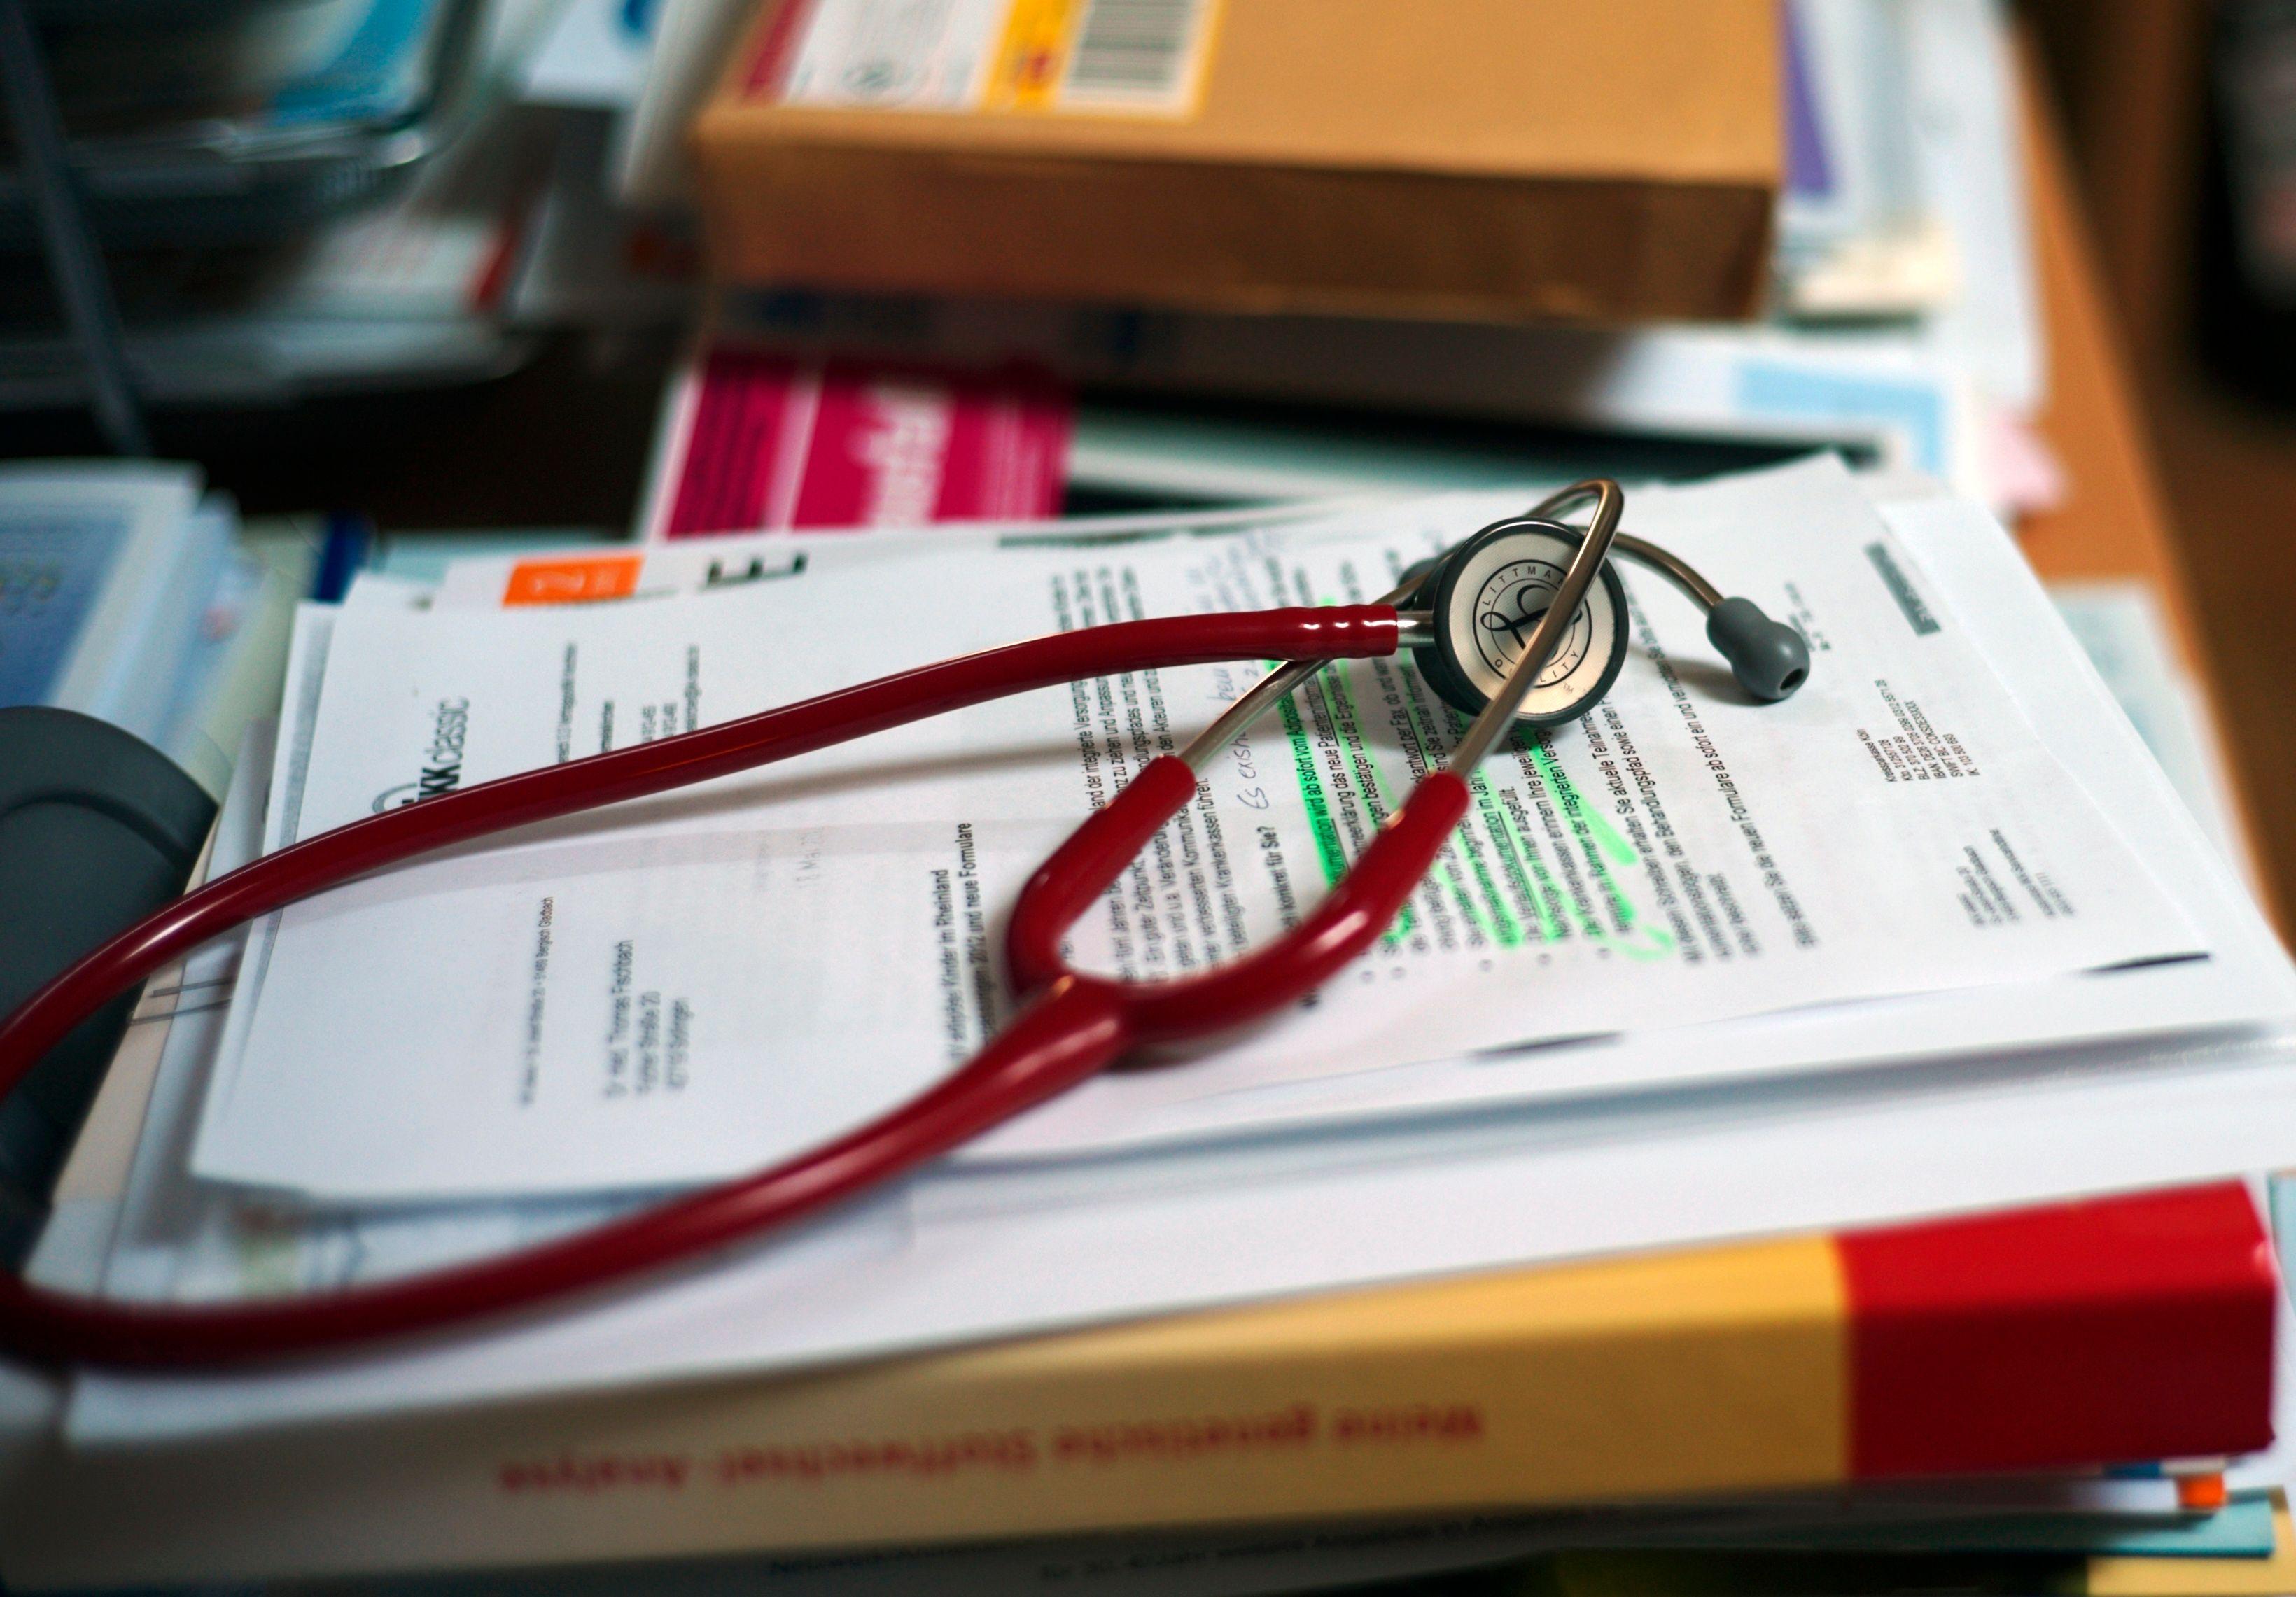 La médecine bientôt sans médecin ? L'émergence du malade sans symptôme